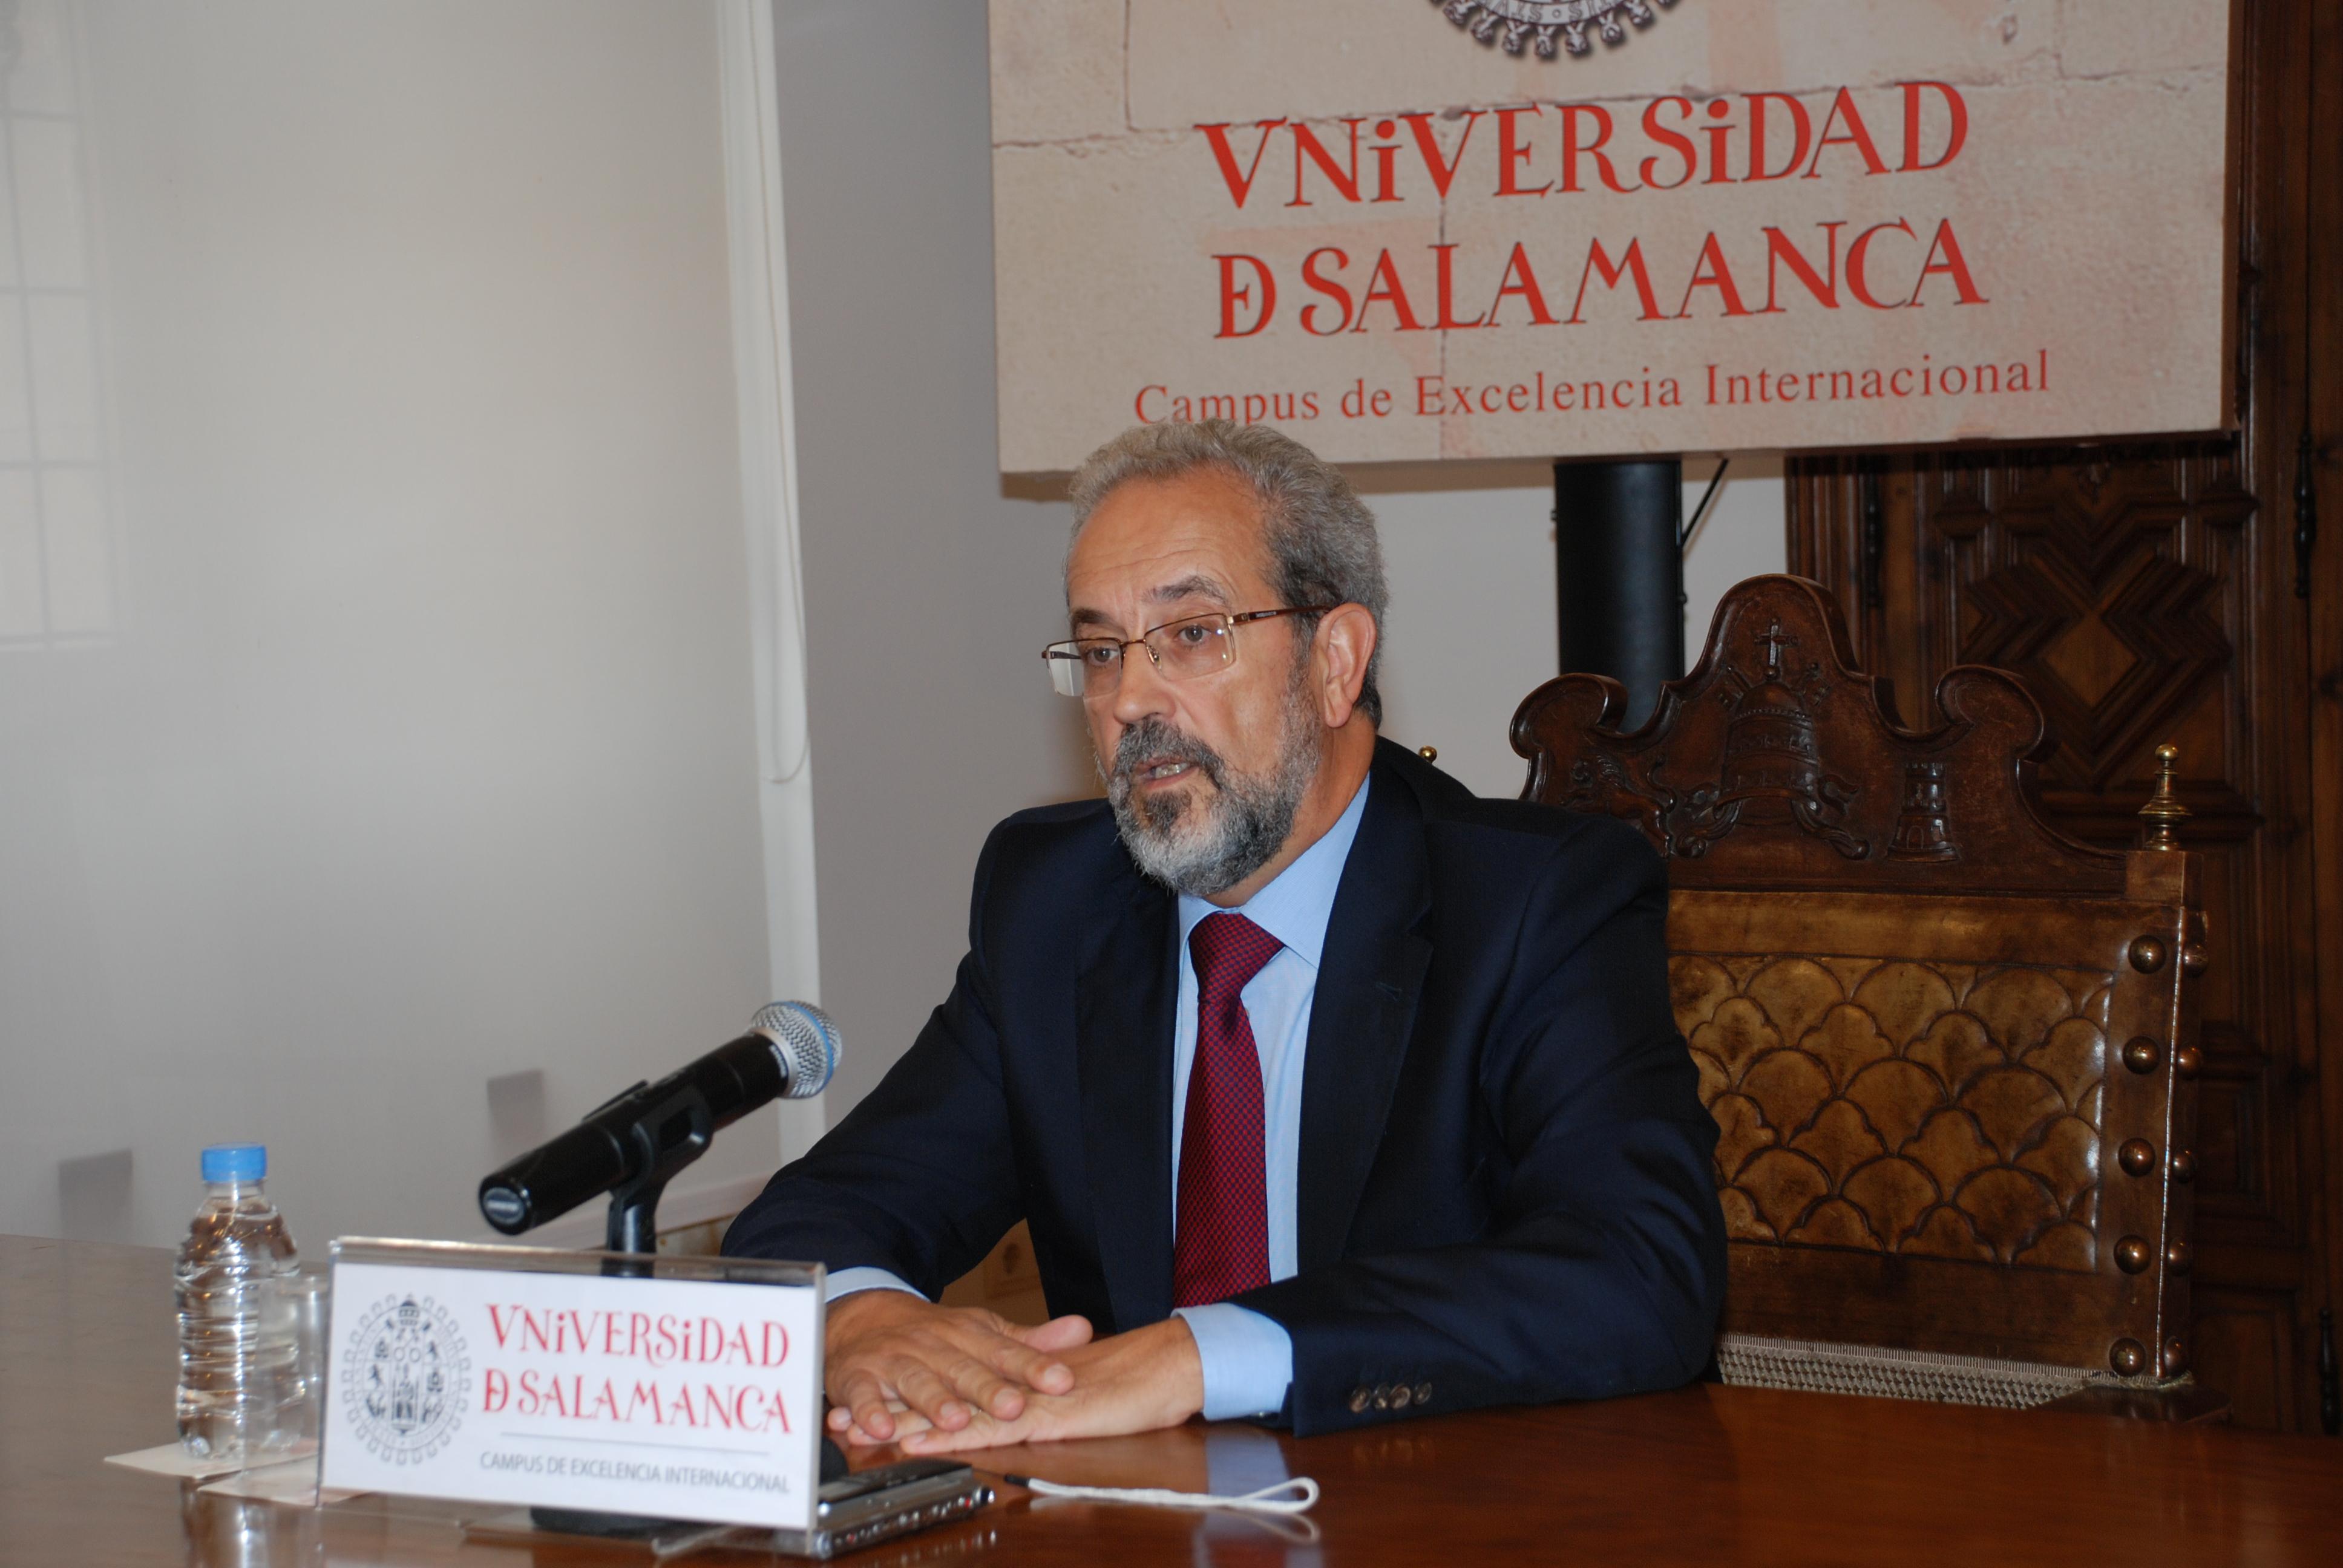 El rector Daniel Hernández Ruipérez procederá a la convocatoria de elecciones en la Universidad de Salamanca el próximo 14 de octubre